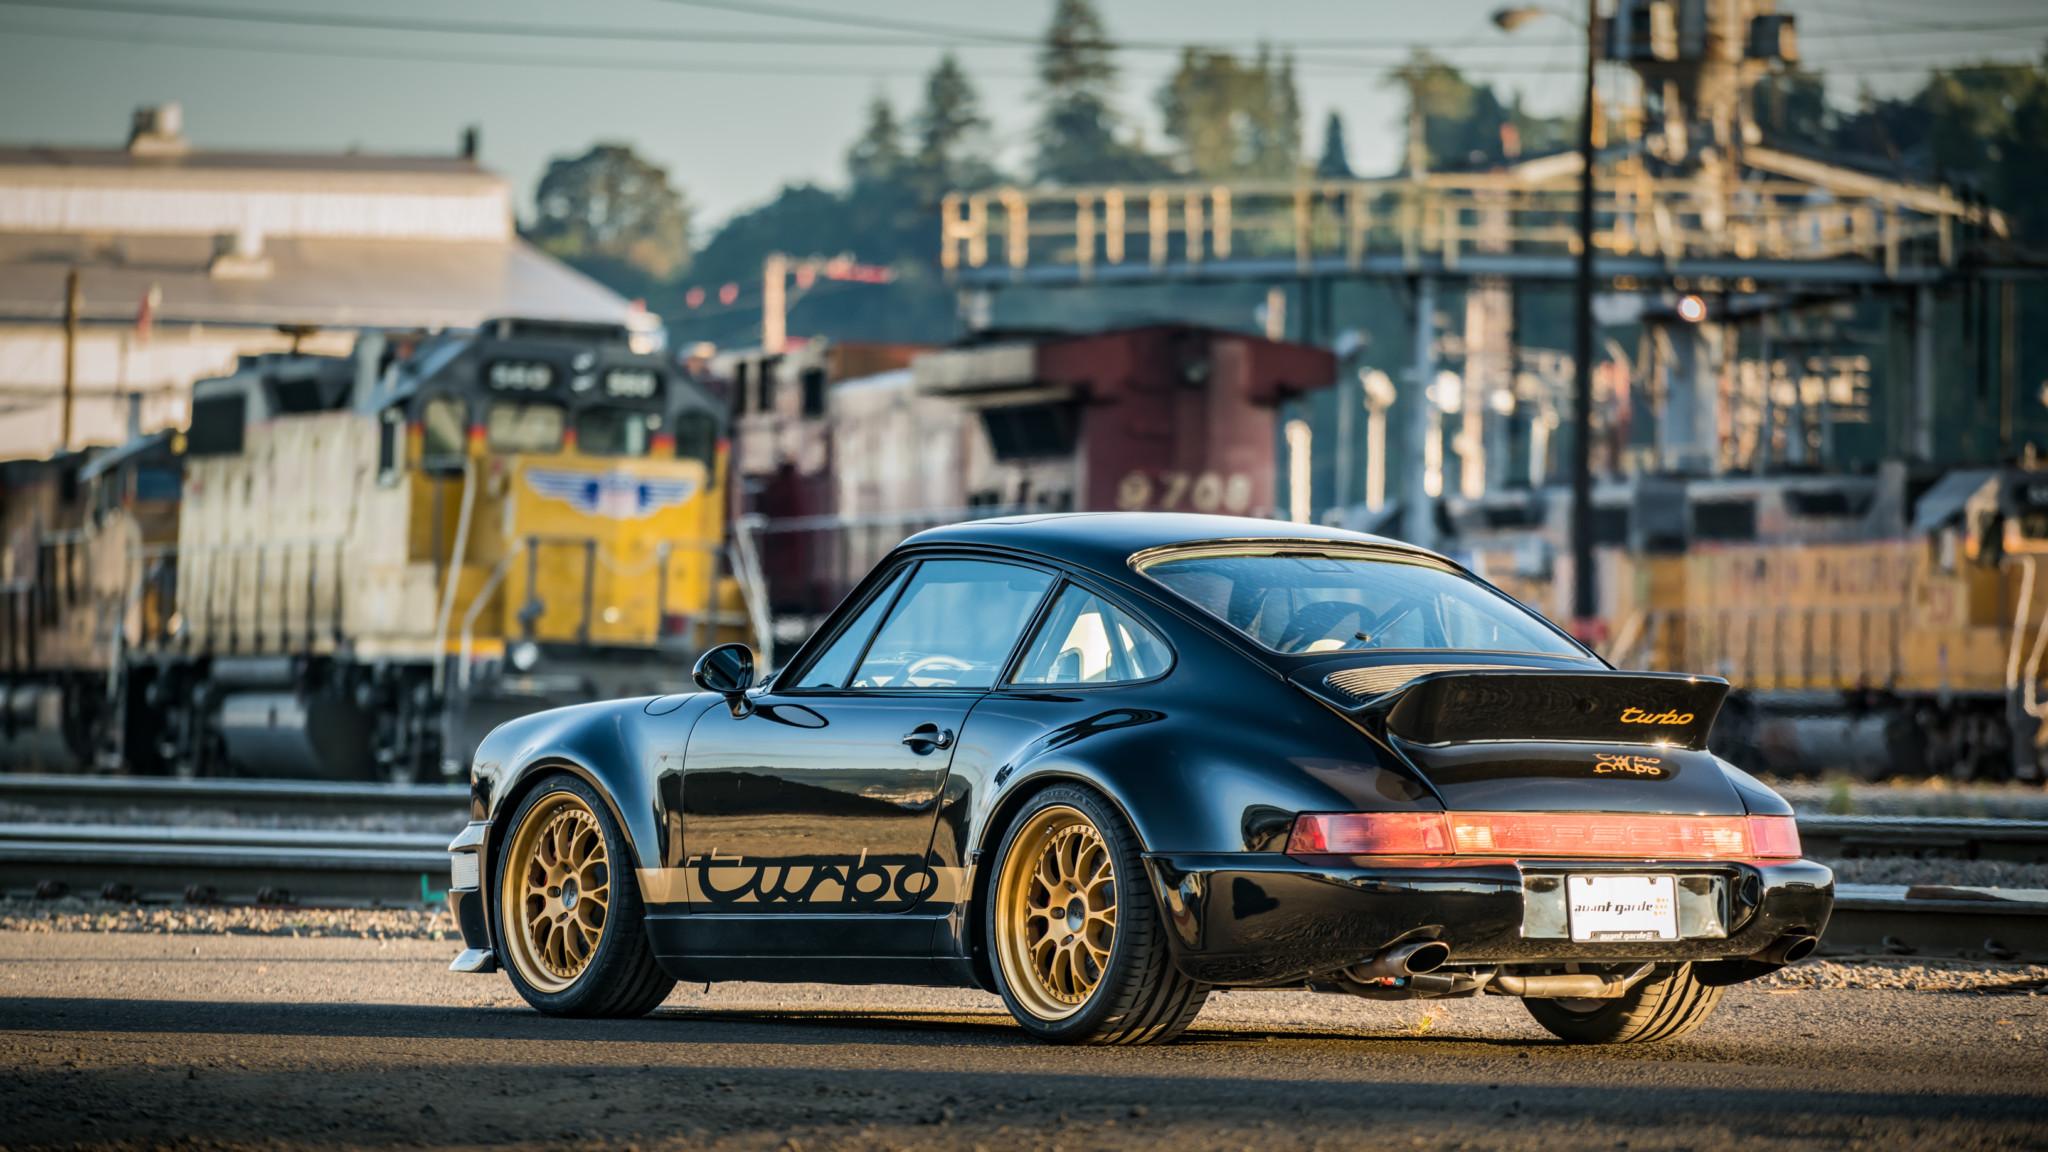 1991 Porsche 964 Turbo Fondo De Pantalla Hd Fondo De